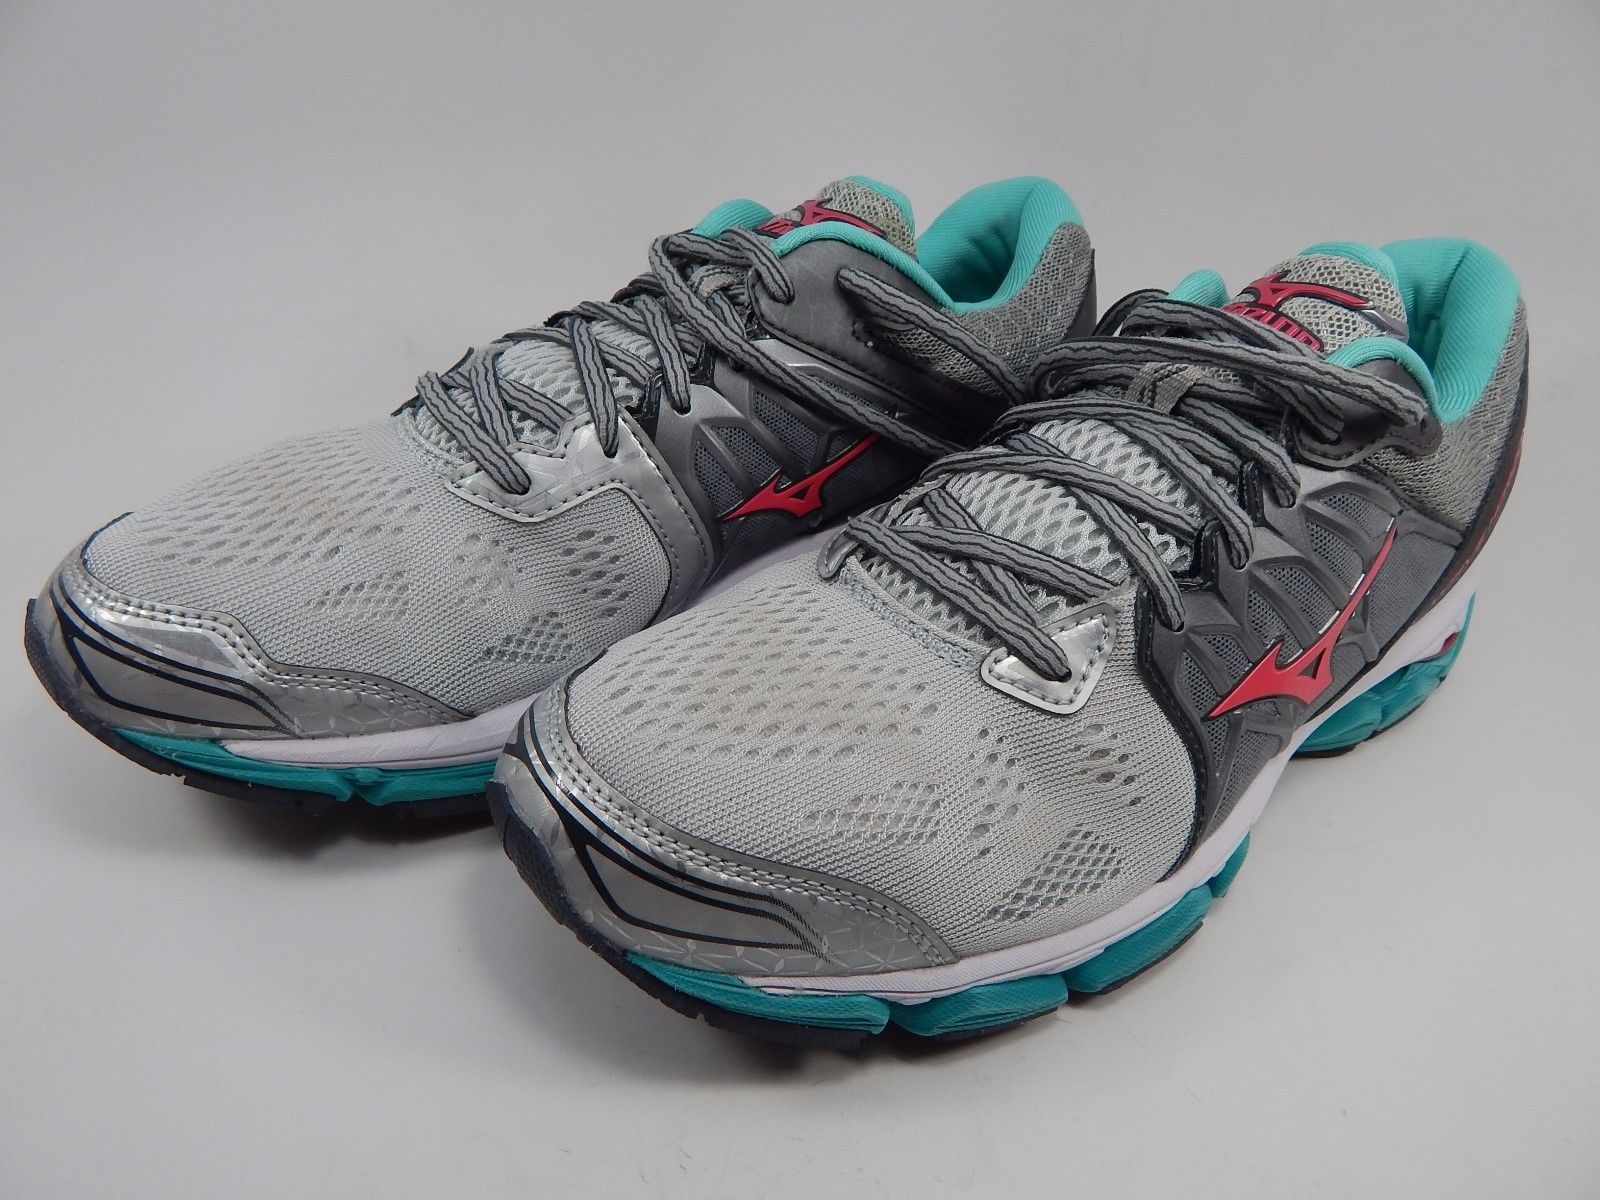 Mizuno Wave Horizon Women's Running Shoes Size US 9.5 M (B) EU 40.5 Silver